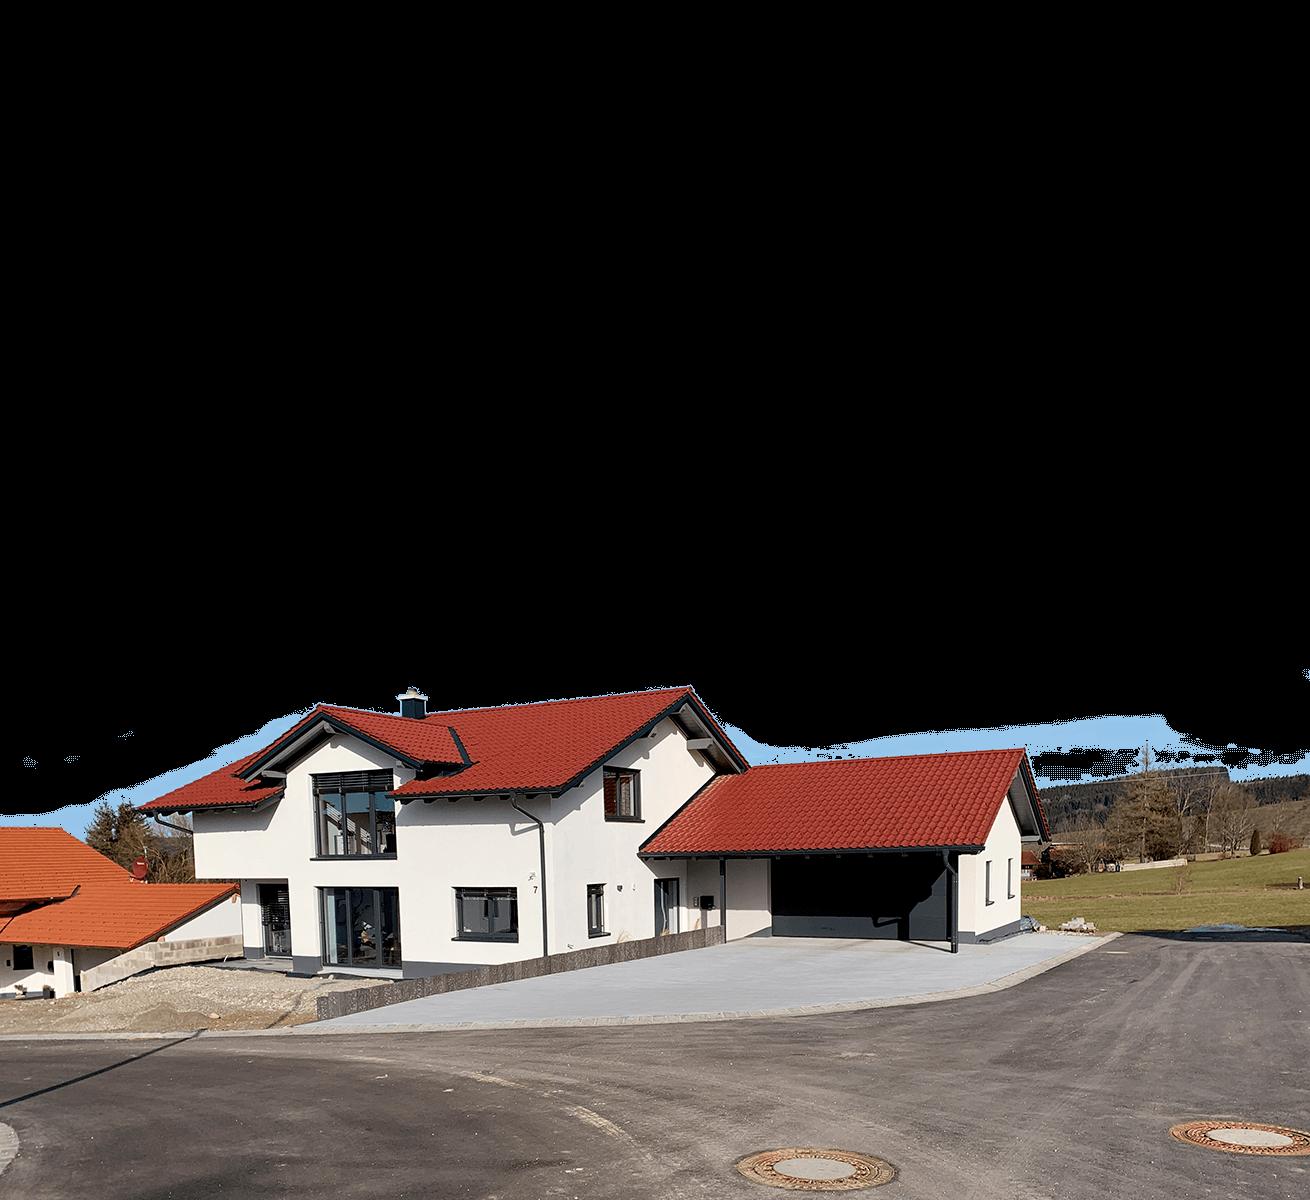 fertiger Neubau mit einem roten Dach von HoferDach